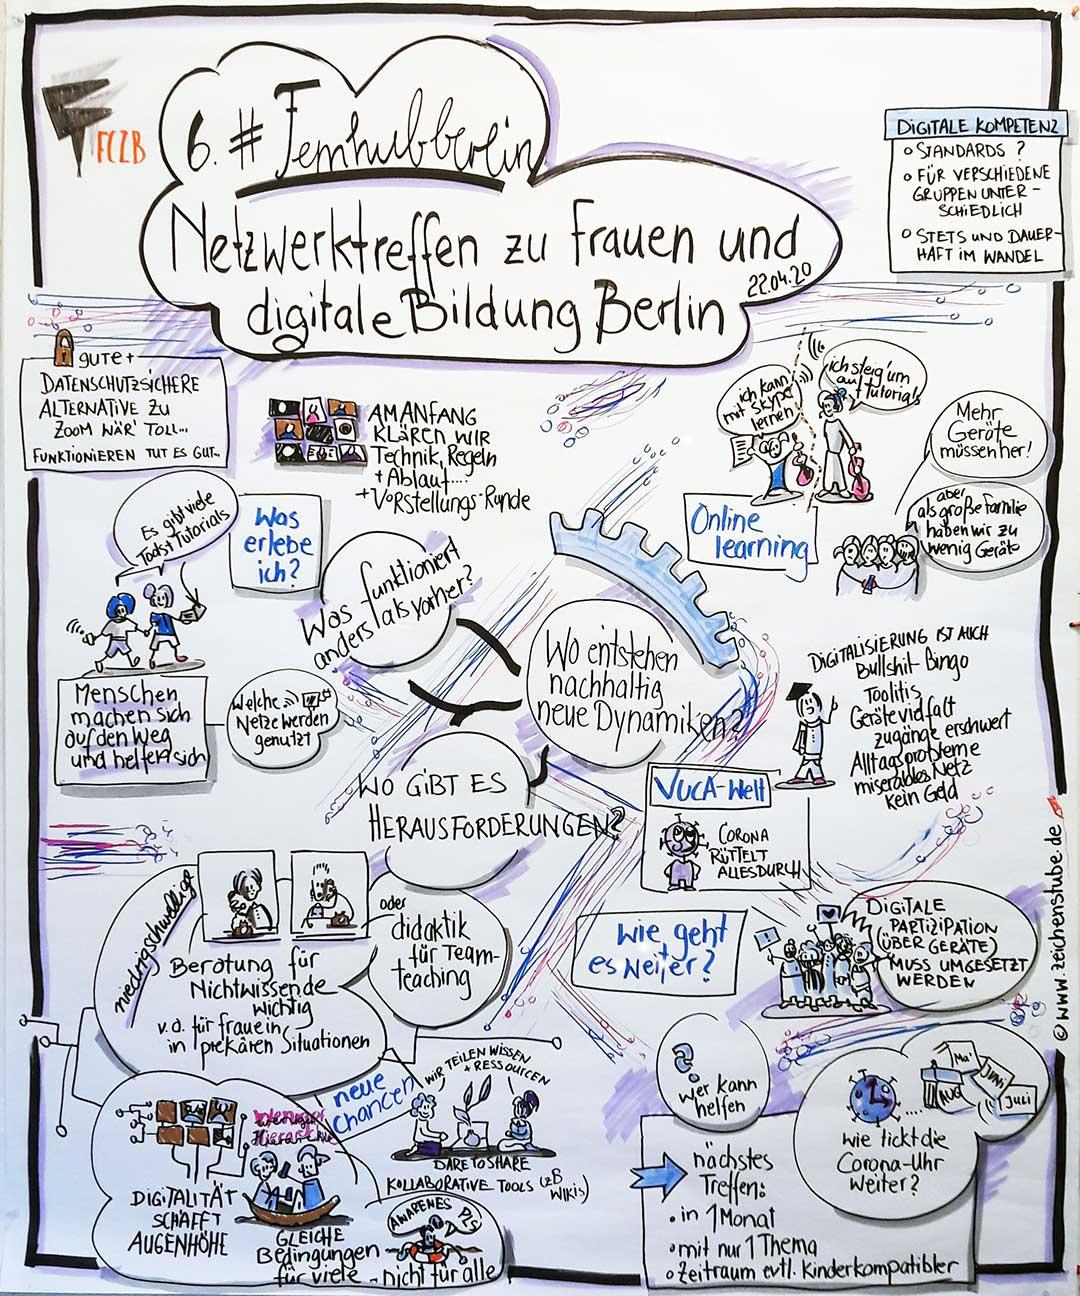 6. #femhubberlin zu digitaler Zusammenarbeit in Zeiten von Corona. Graphic Recording von Alix Einfeldt.